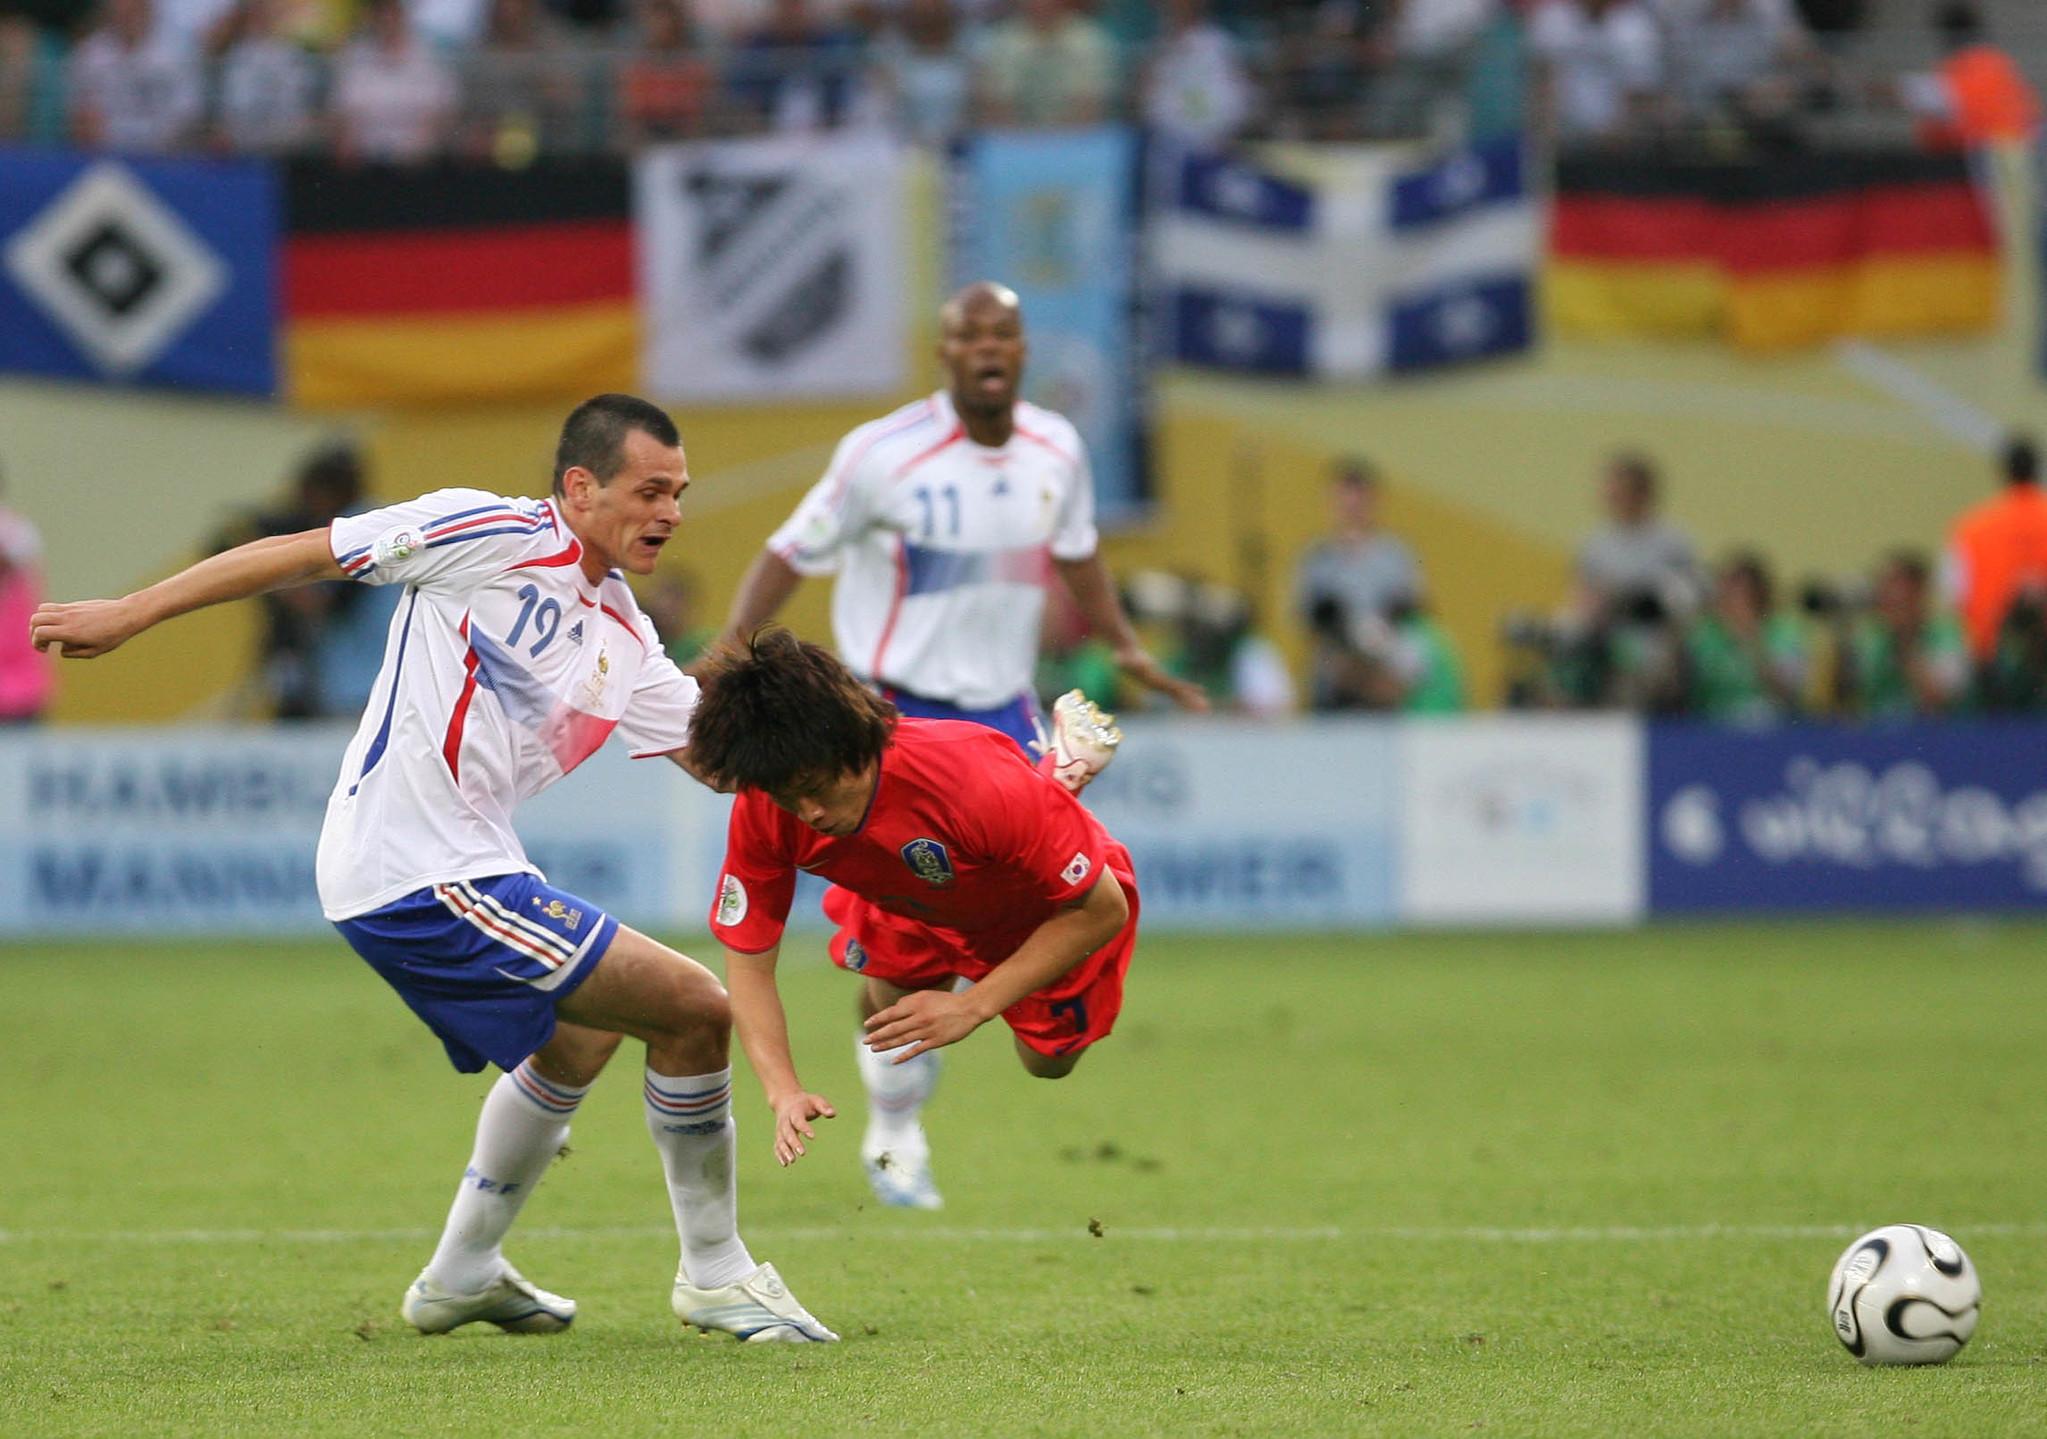 2006년 6월 19일 독일월드컵 프랑스전에서 몸을 던지며 뛴 박지성. [중앙포토]